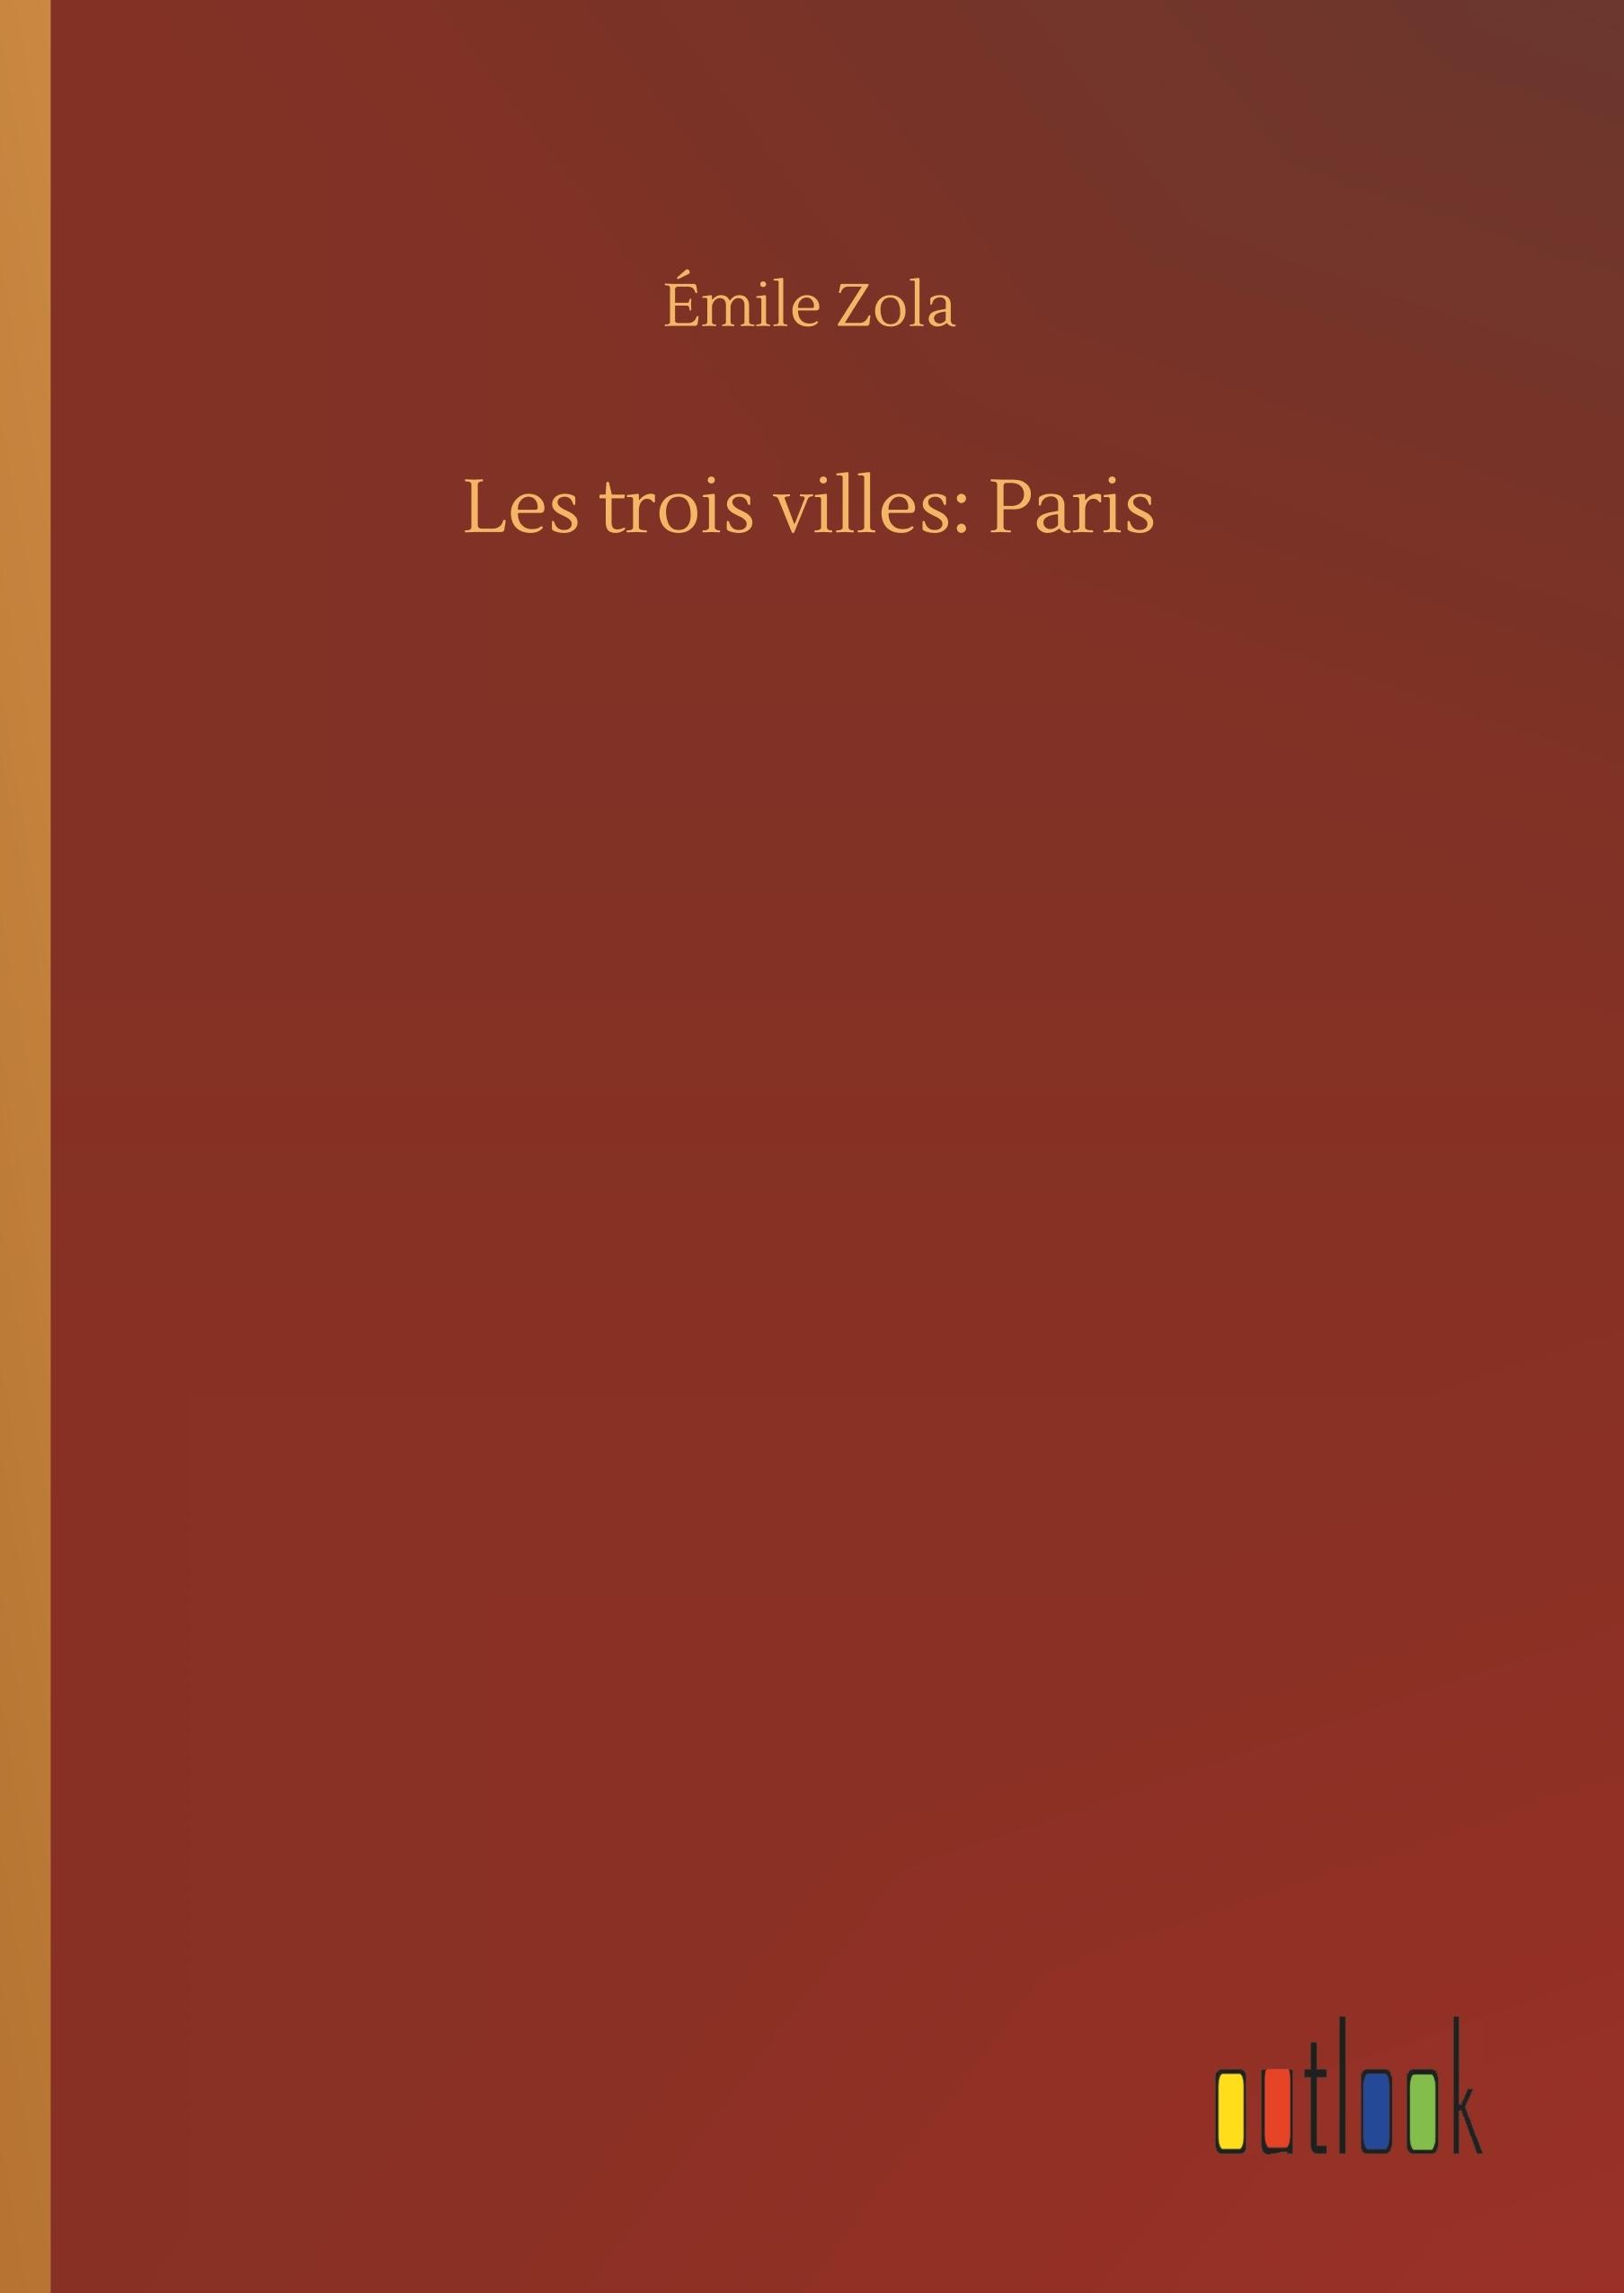 LES TROIS VILLES: PARIS